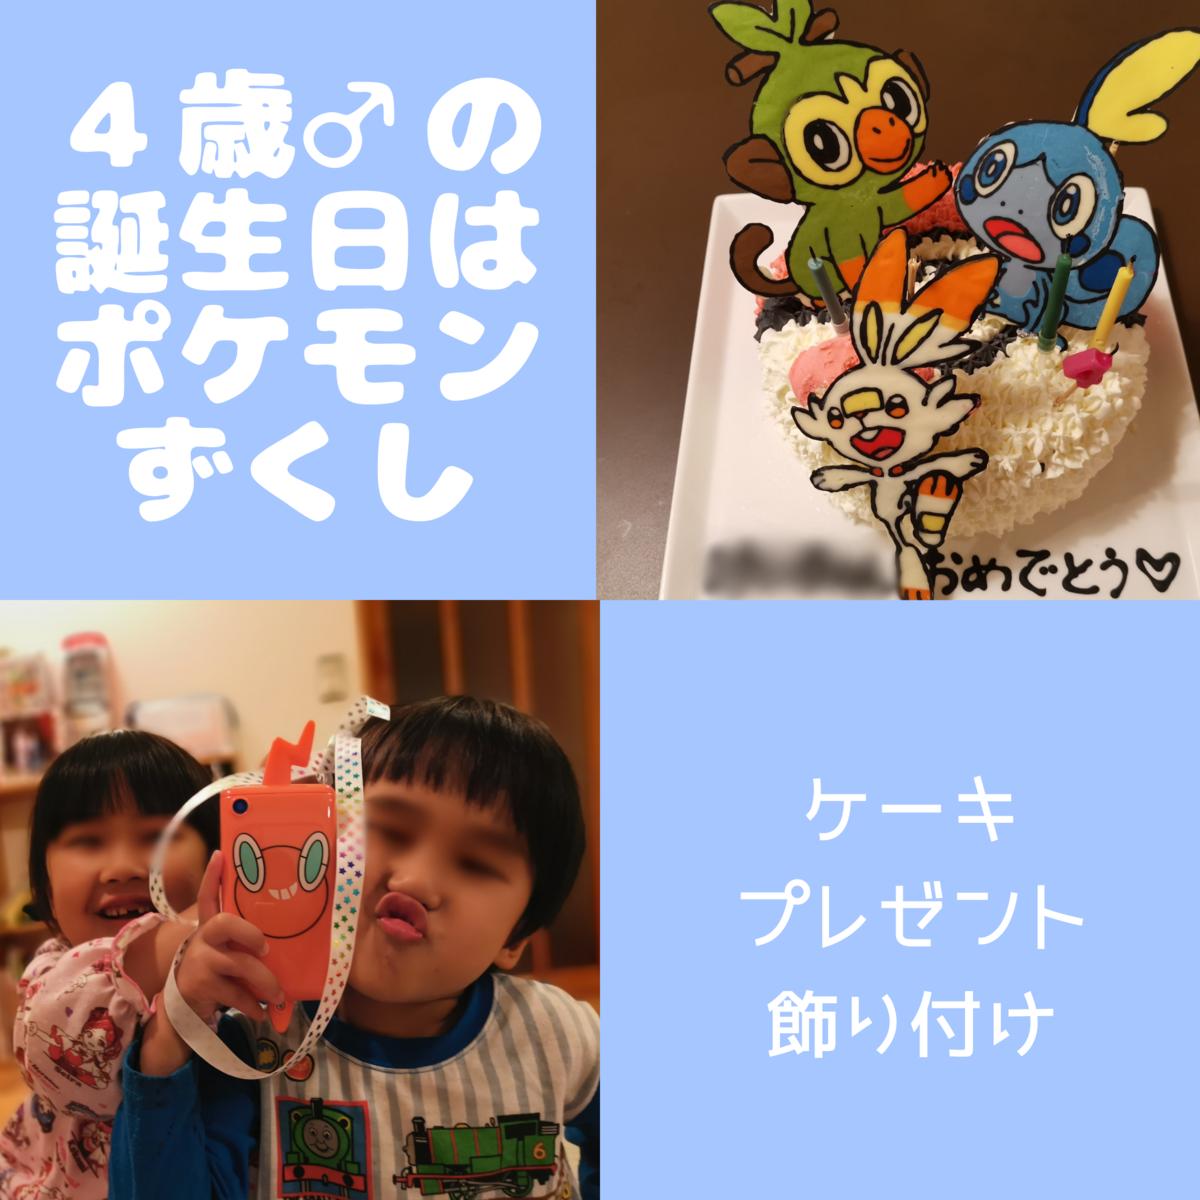 4歳♂の誕生日はポケモンずくし-ケーキ・プレゼント・飾り付け全部-